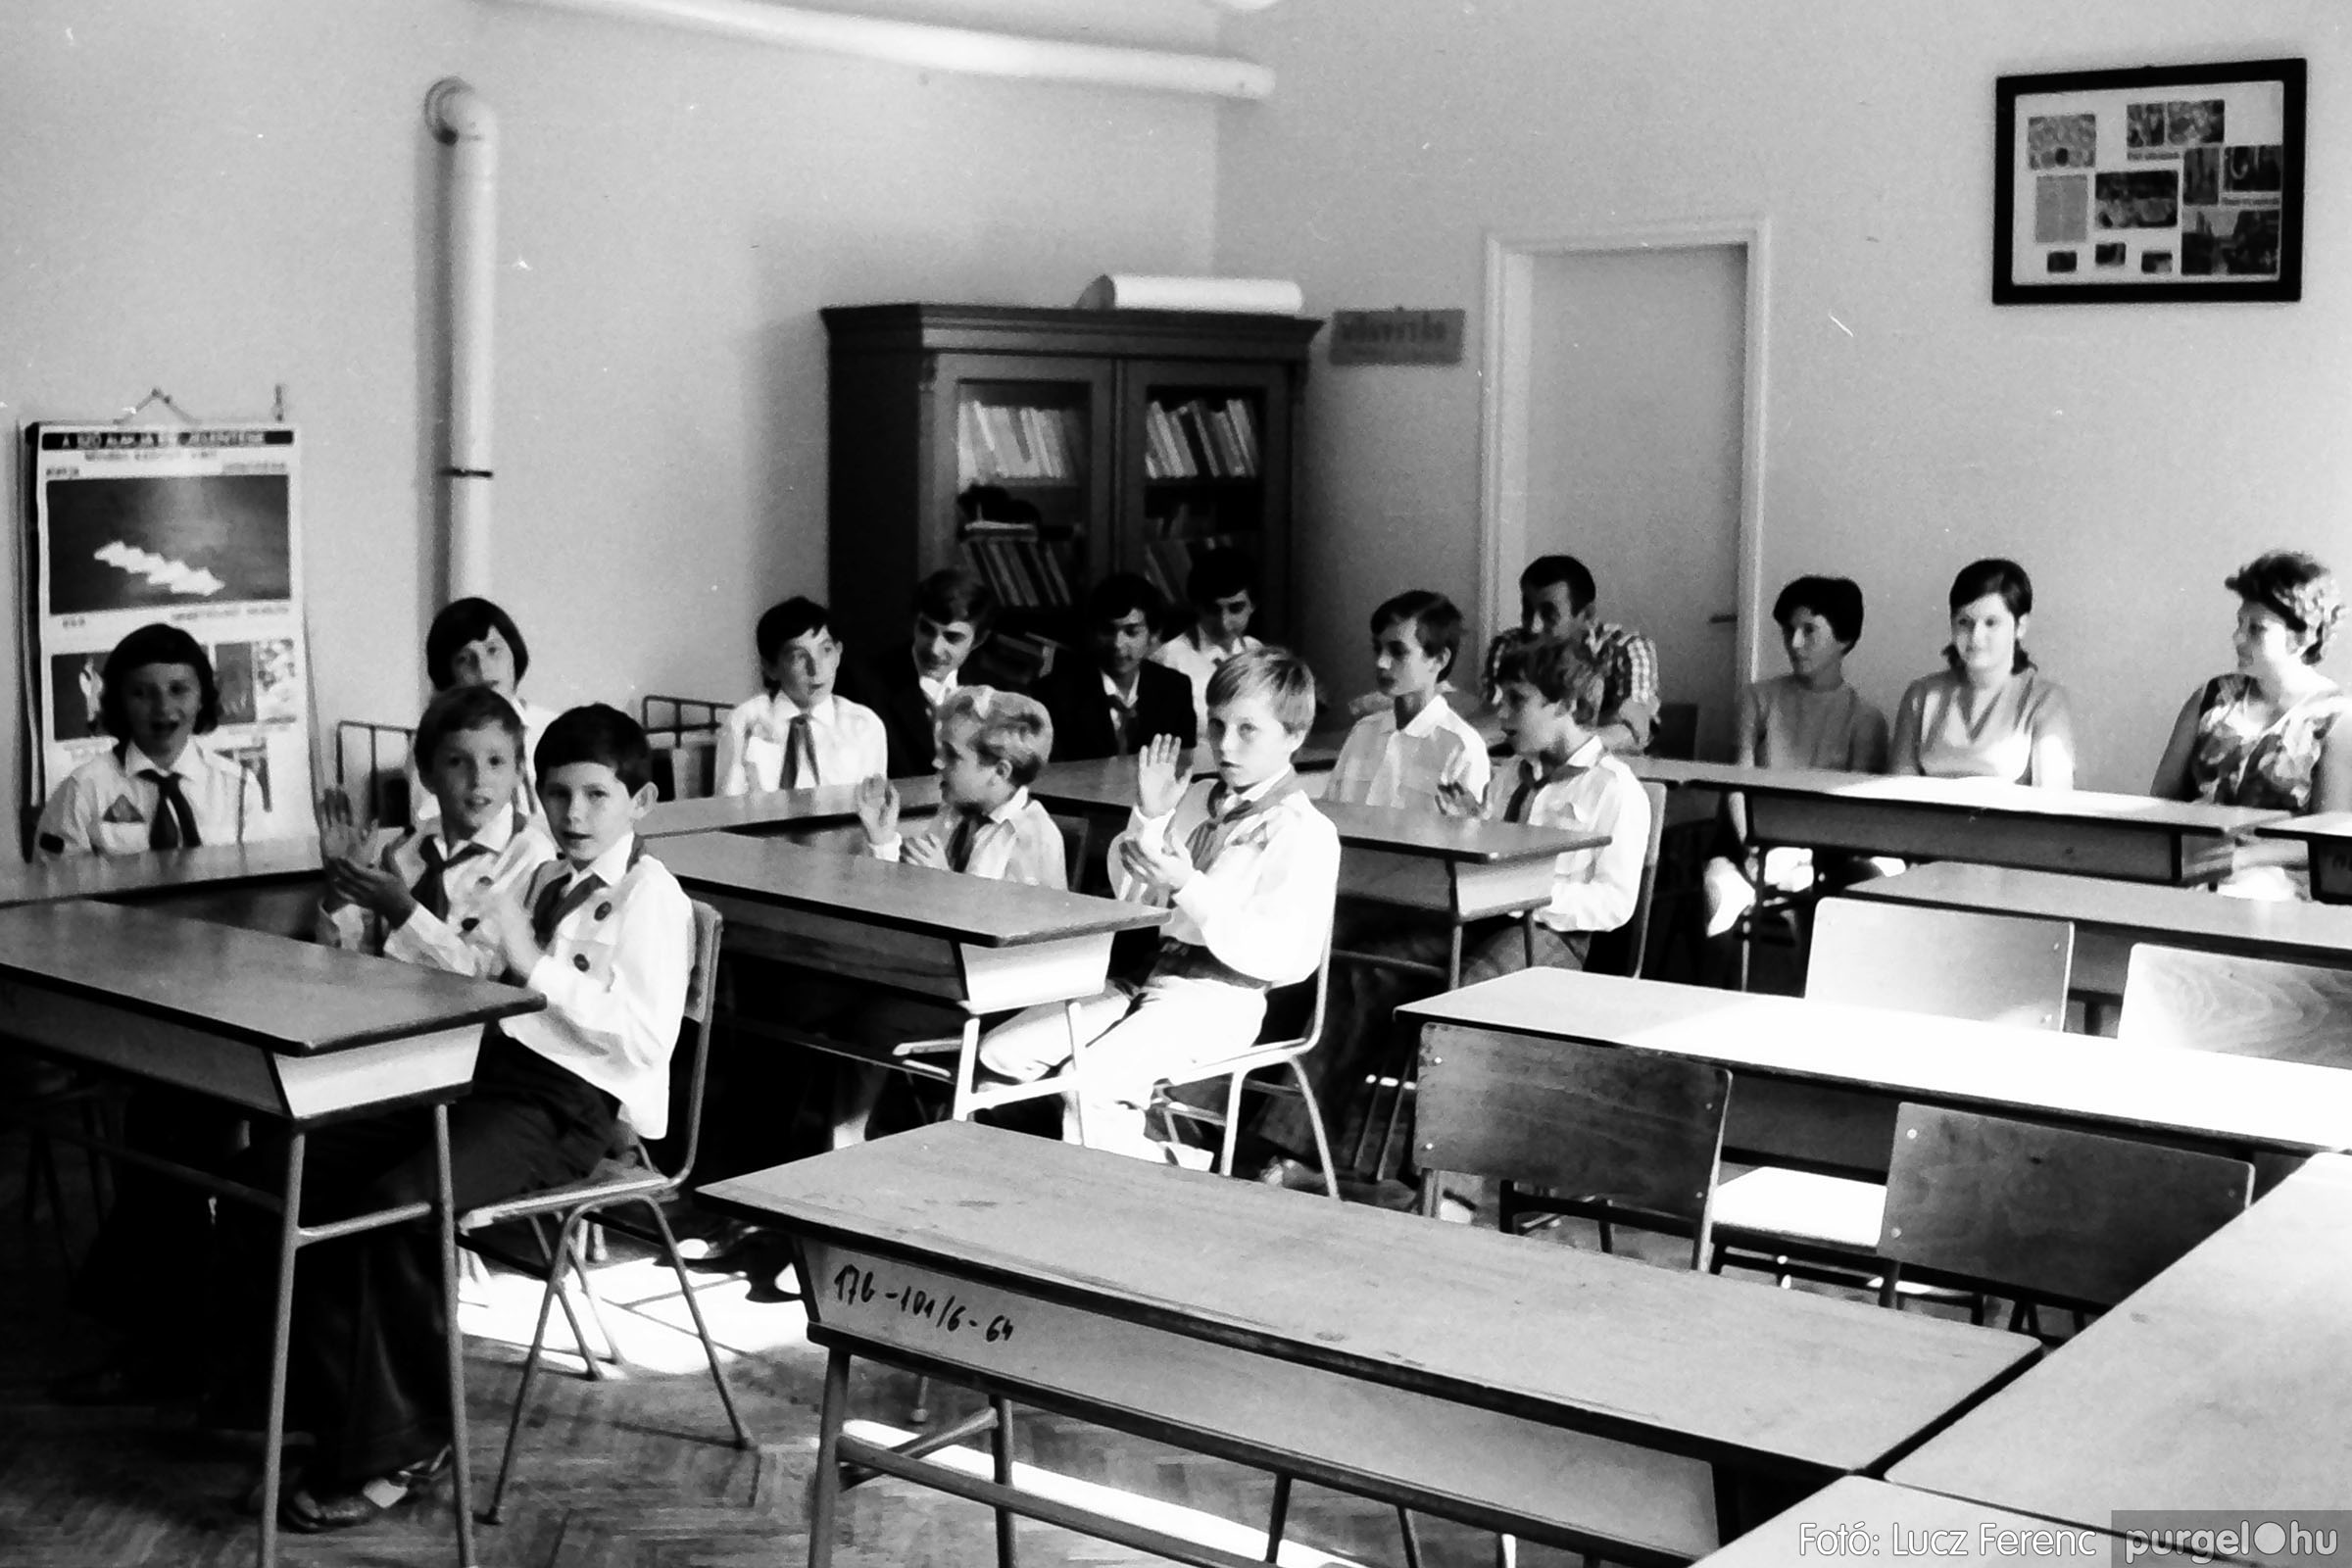 1975. - 21. negatív 004 - Fotó: Lucz Ferenc - IMG00125q.jpg